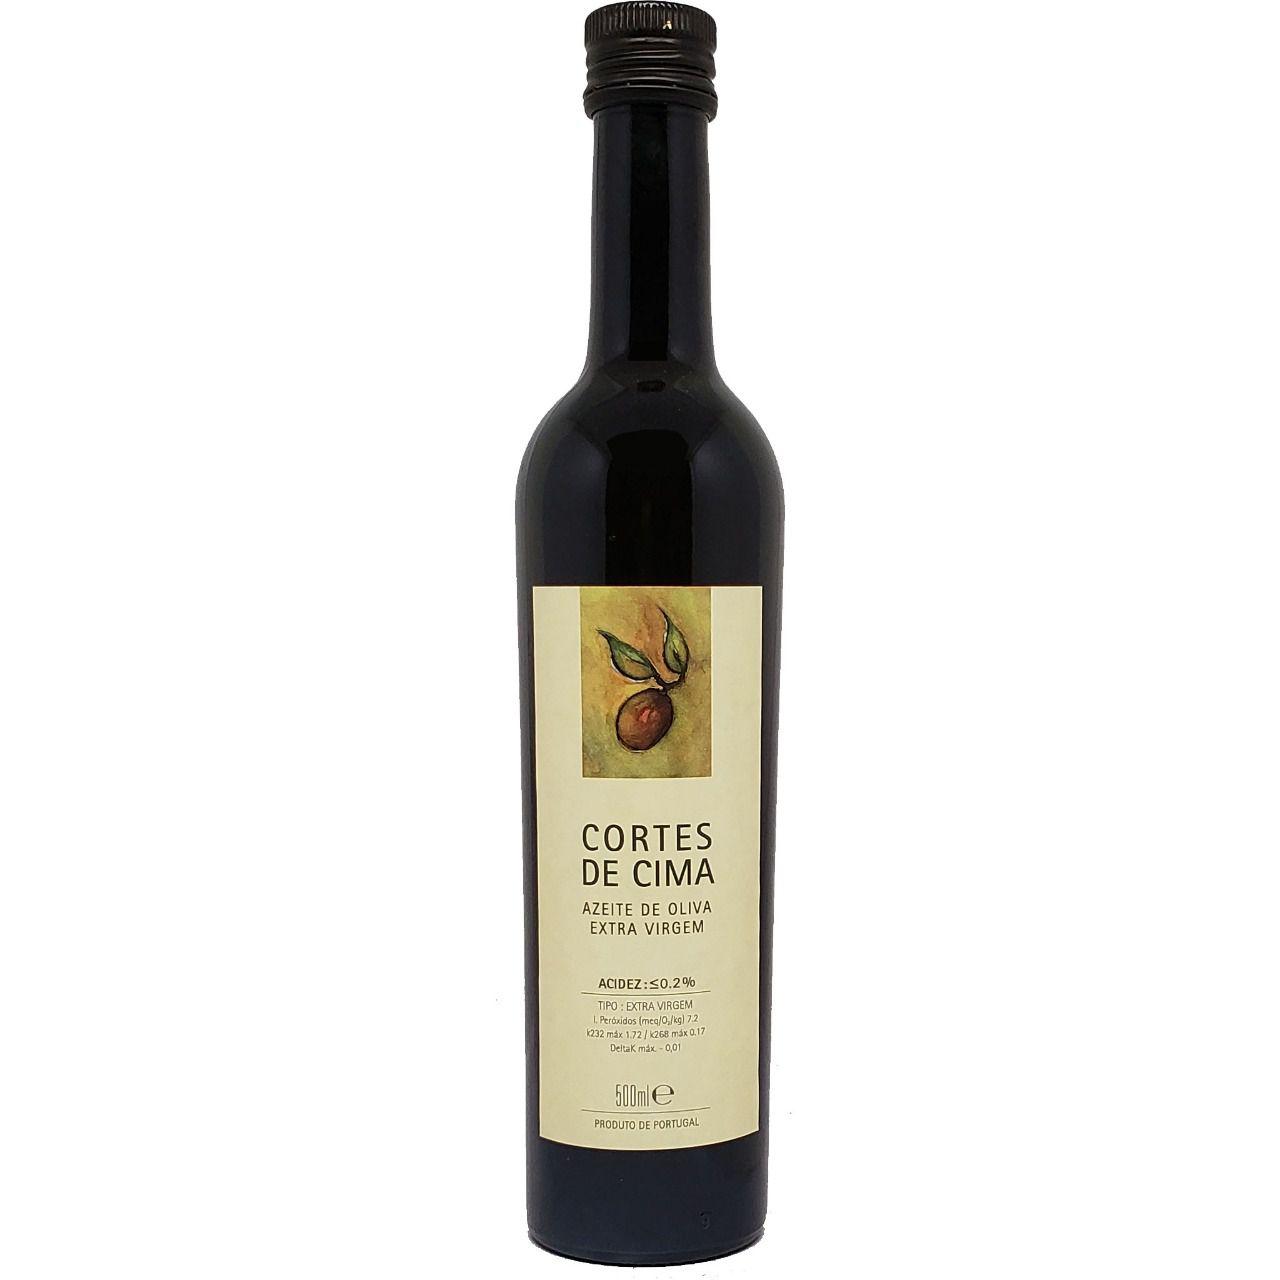 Azeite de Oliva Extra Virgem Cortes de Cima - 500ml -